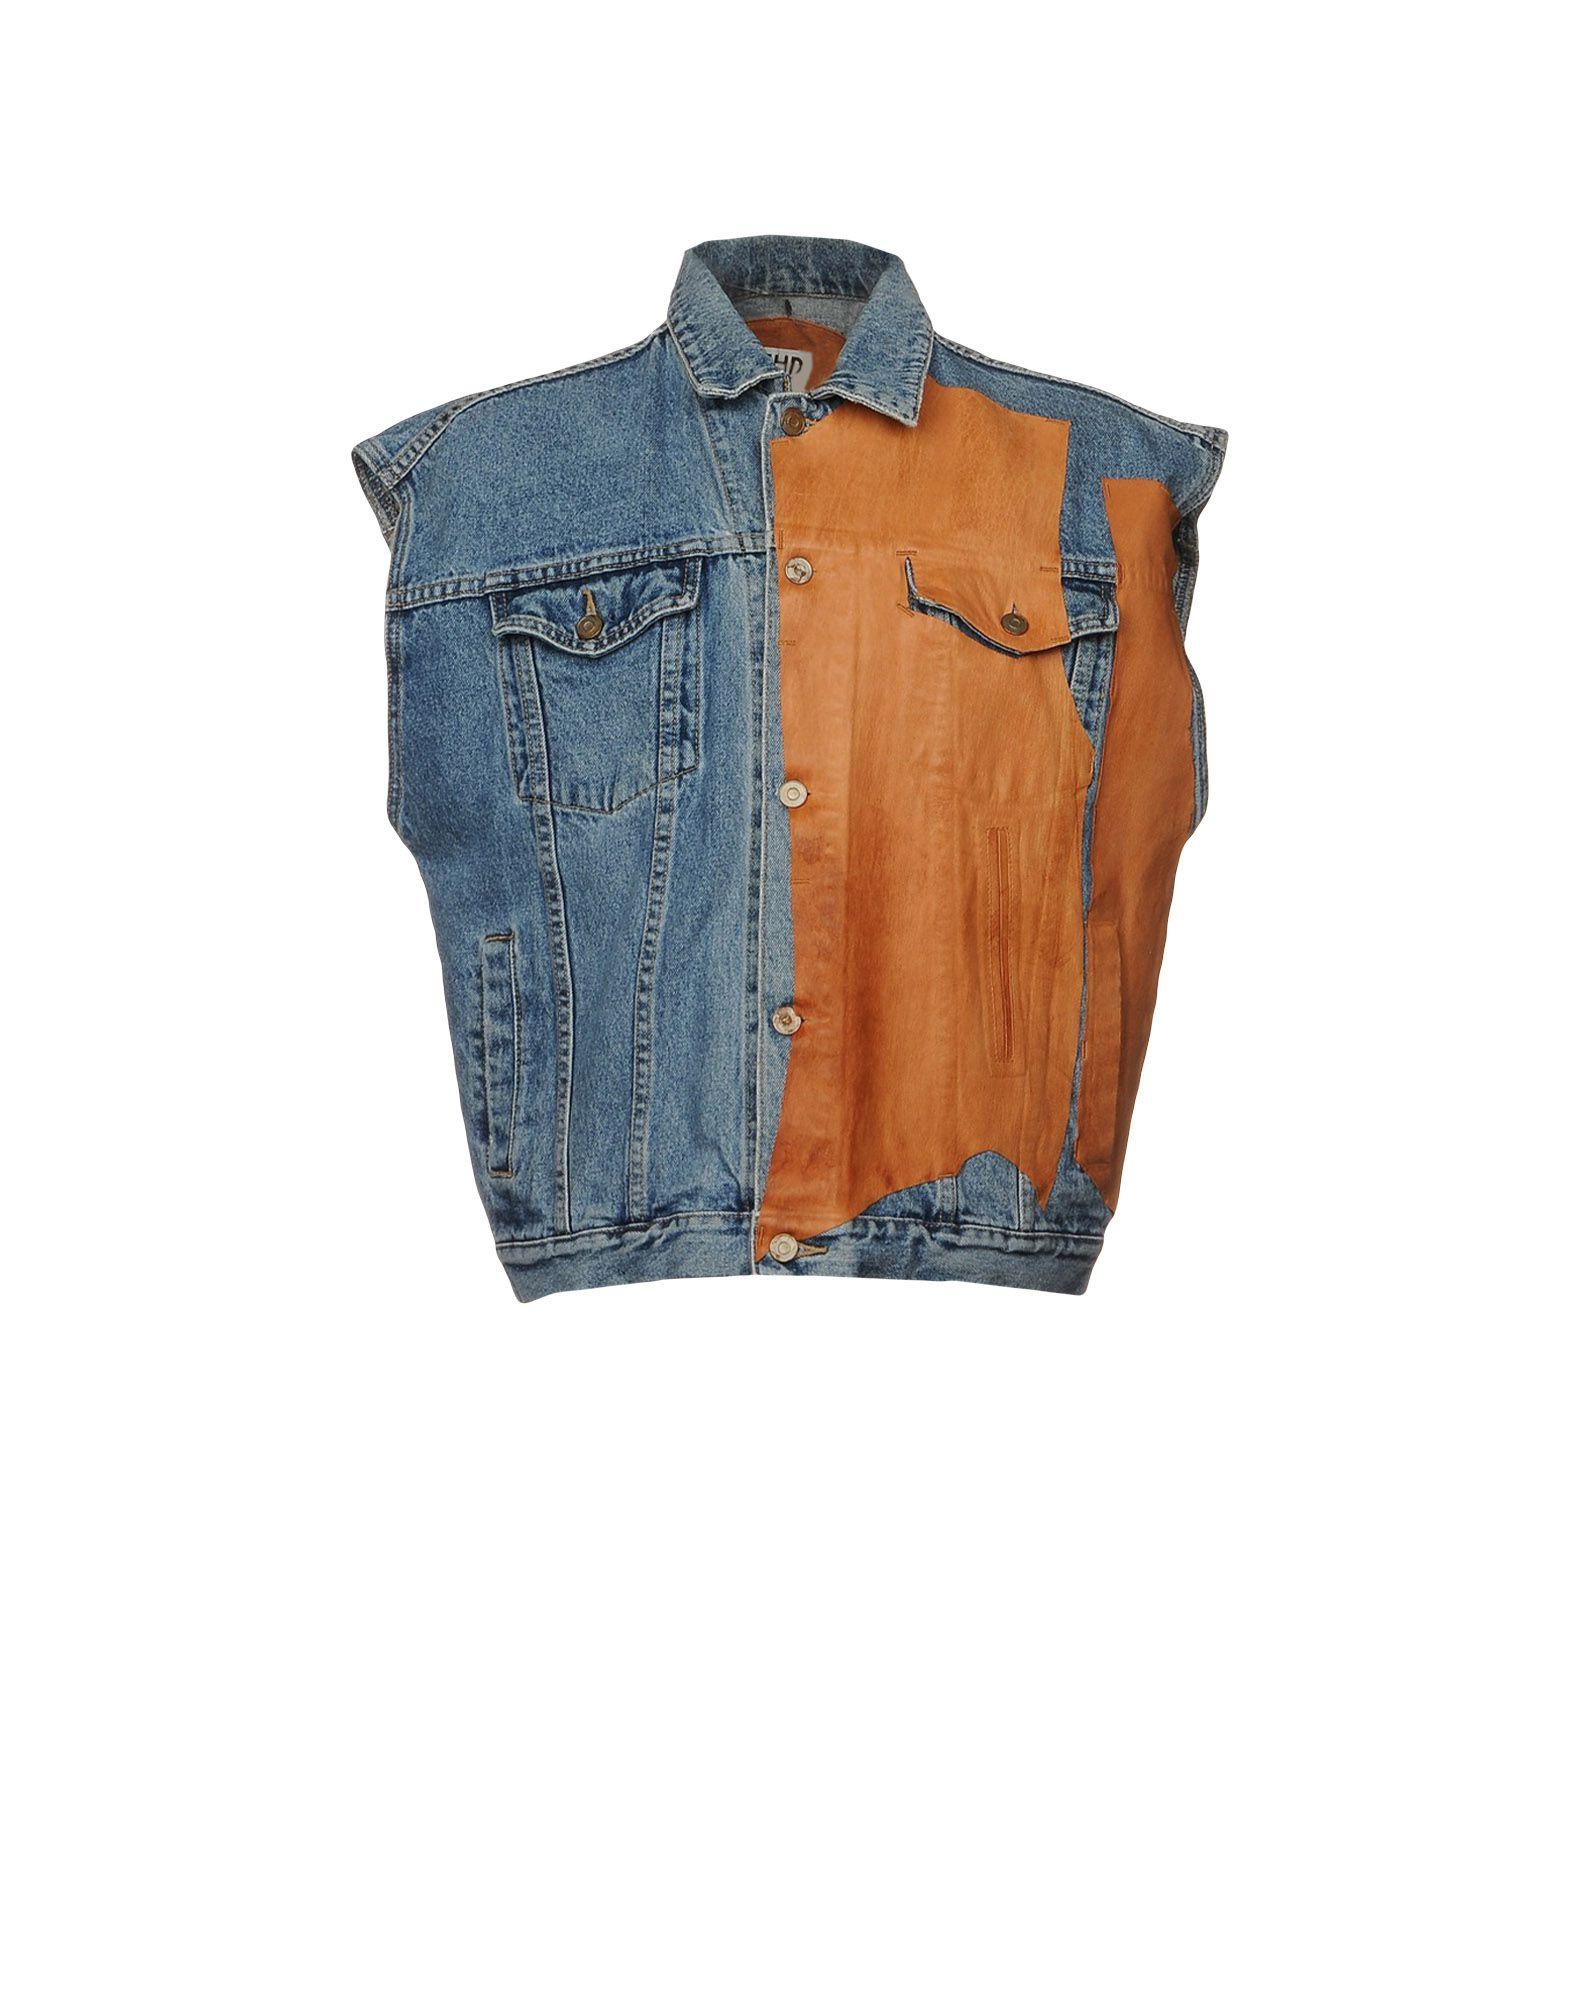 PIHAKAPI Джинсовая верхняя одежда avignon джинсовая верхняя одежда